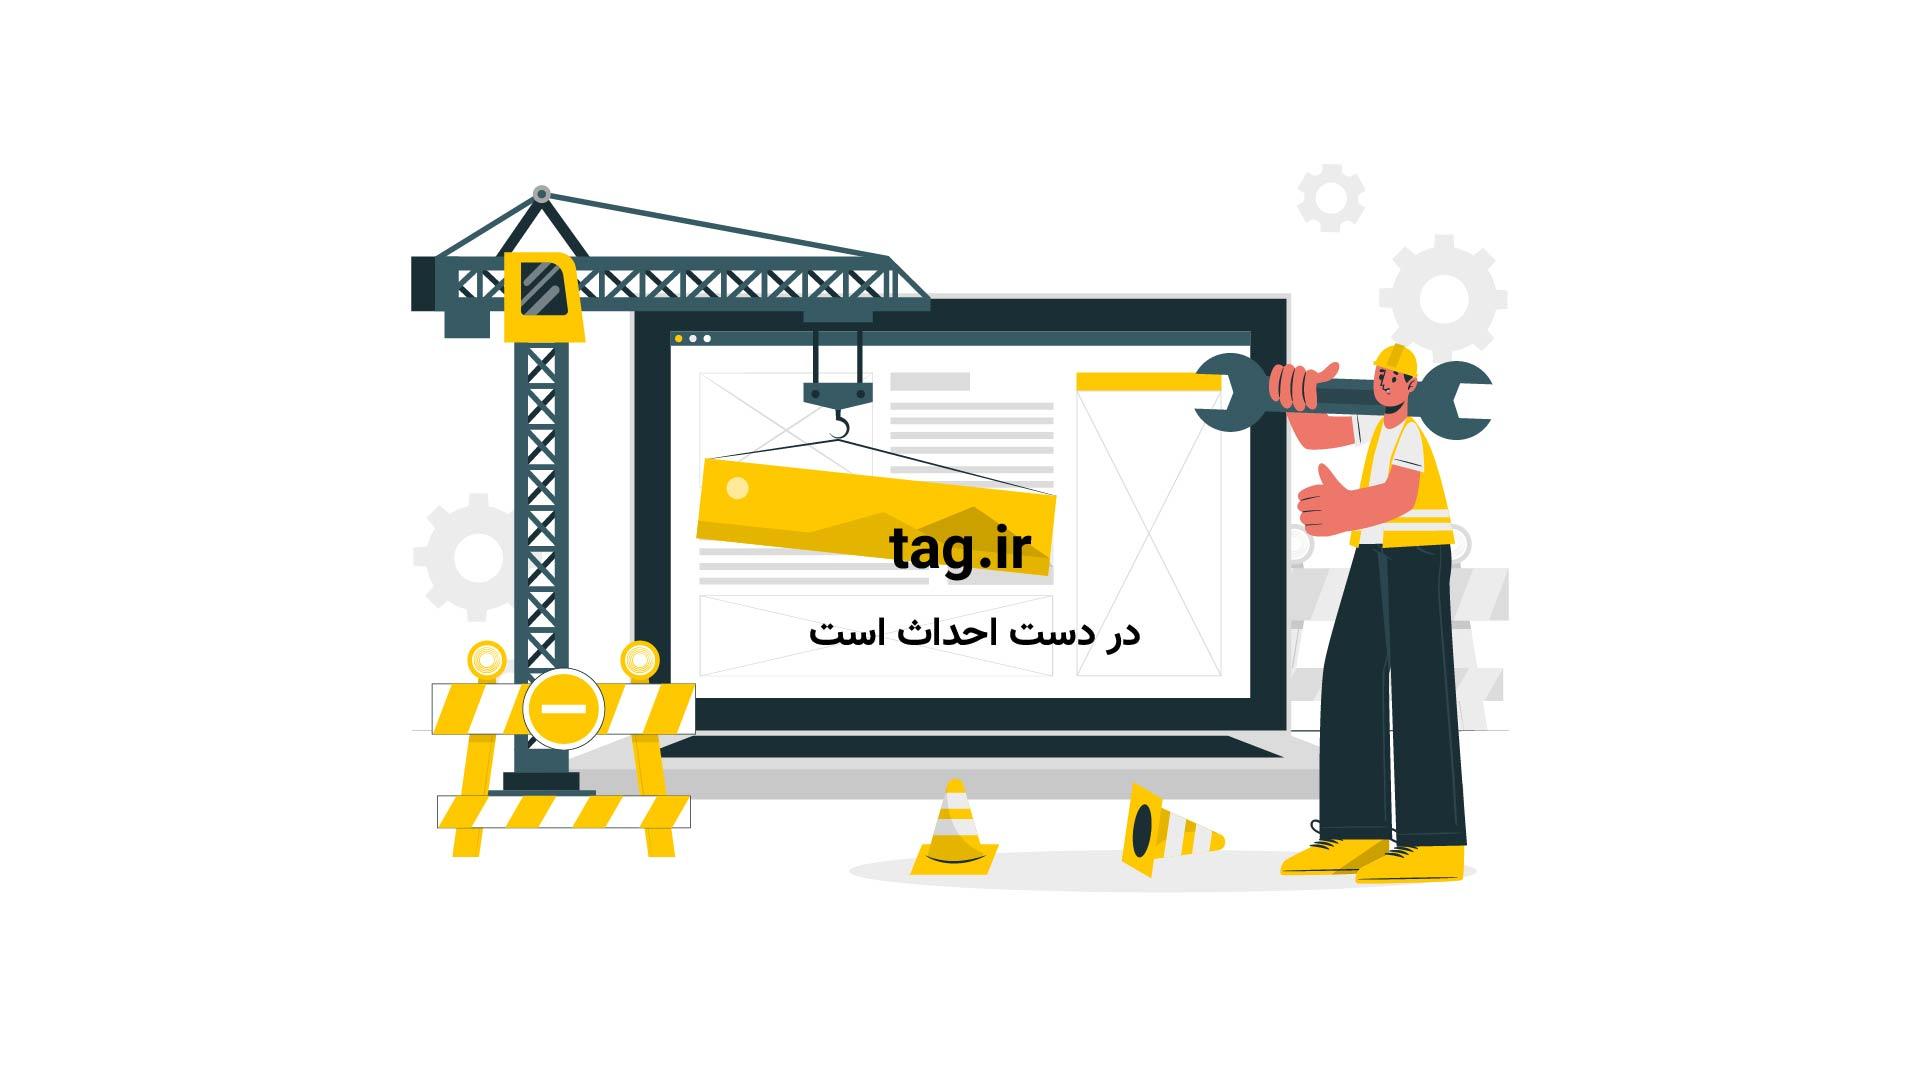 کوسهای که شکار نهنگهای قاتل شد|تگ